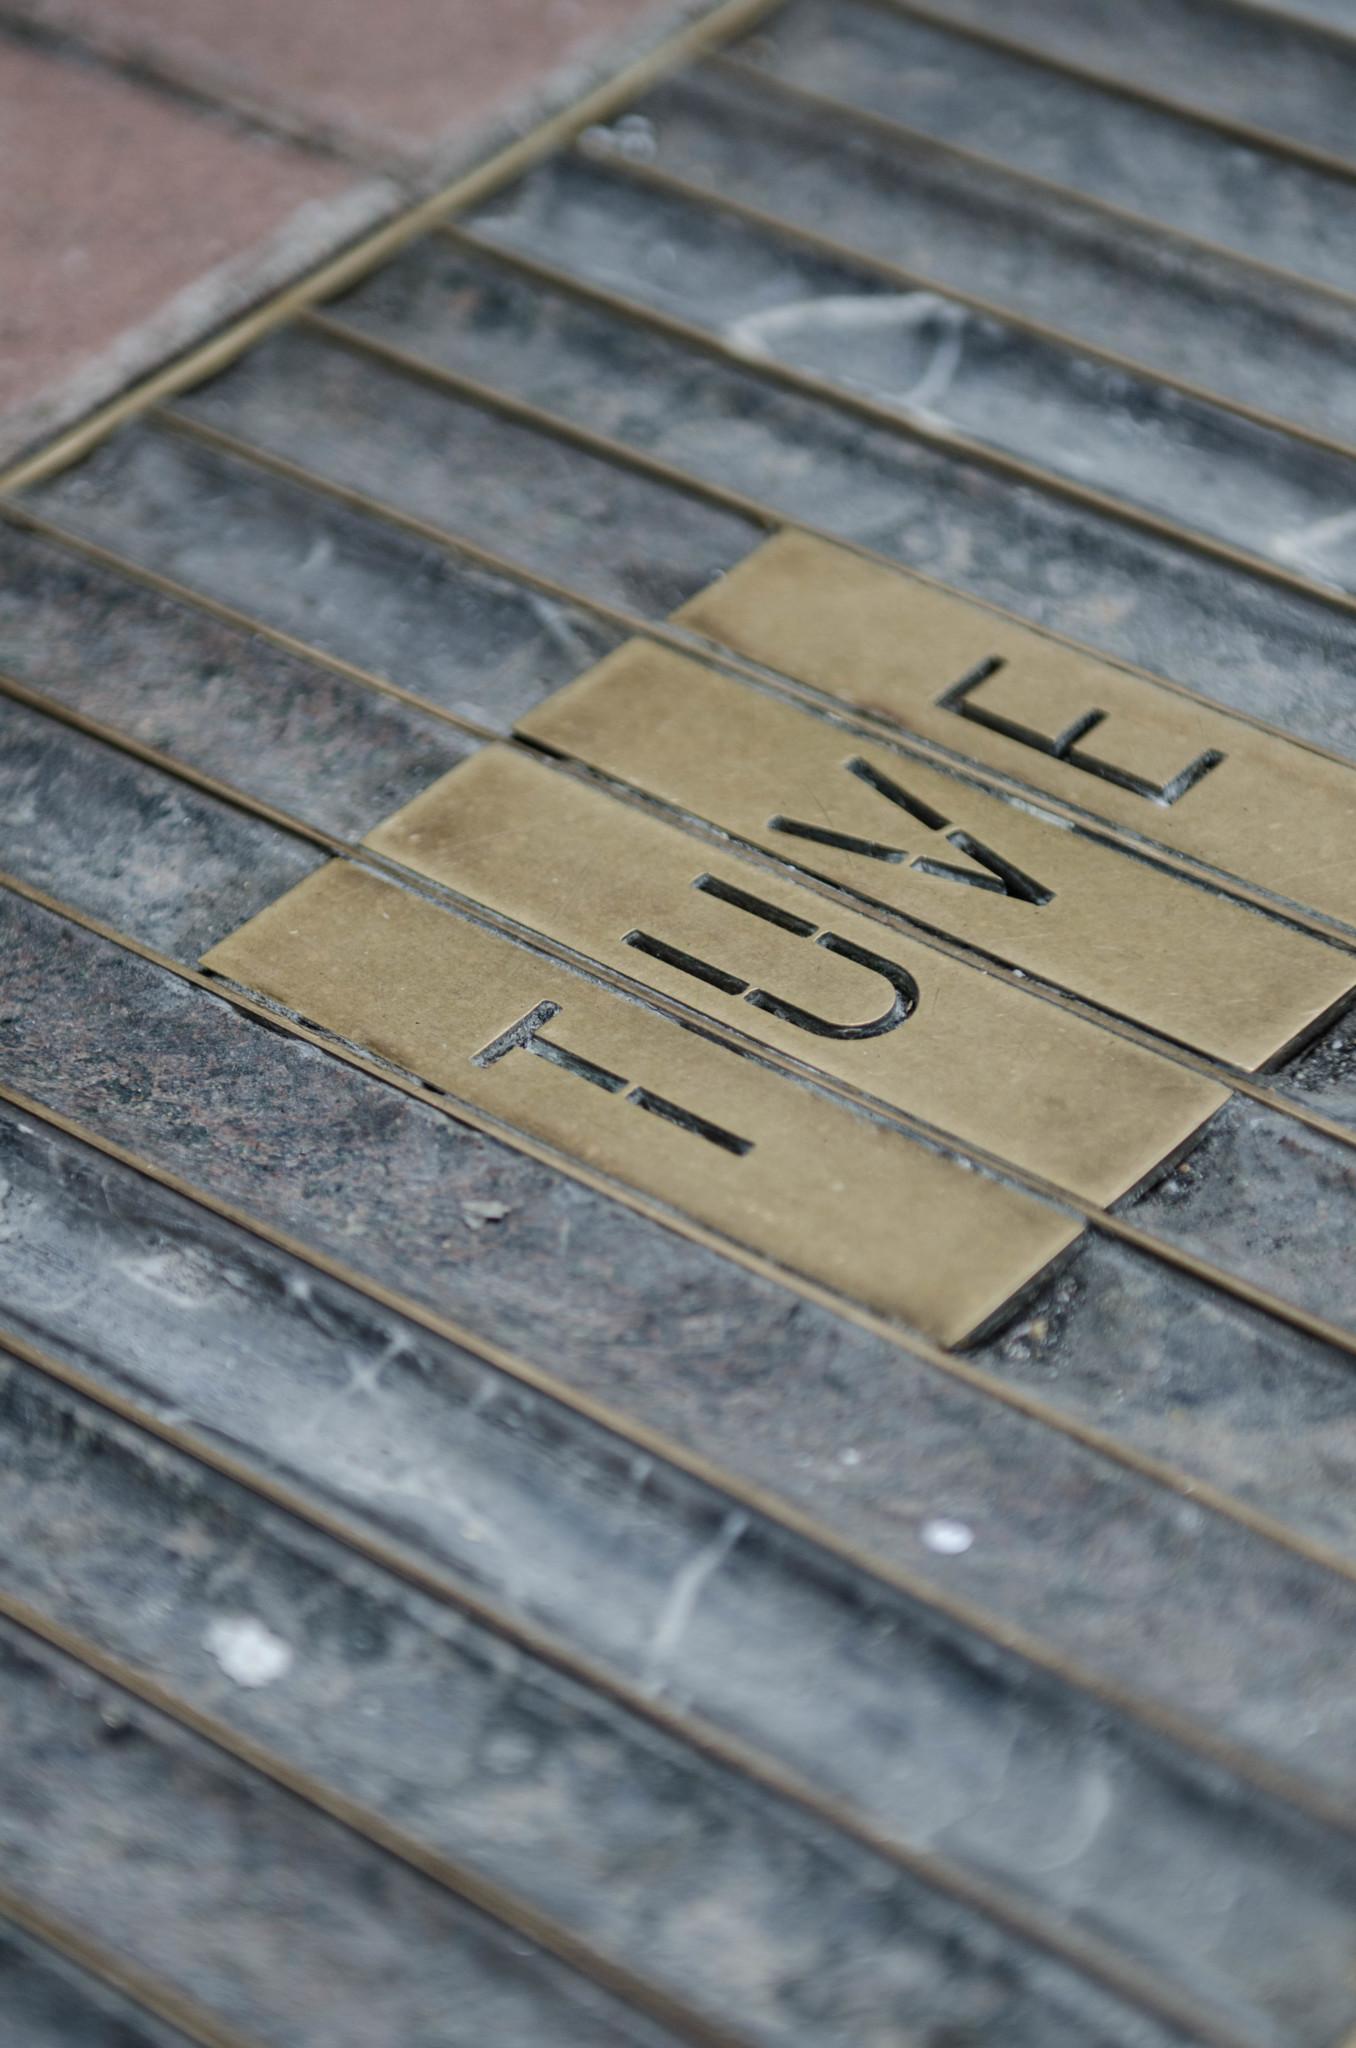 Hoteltipp Hongkong: Das Tuve Boutique Hotel